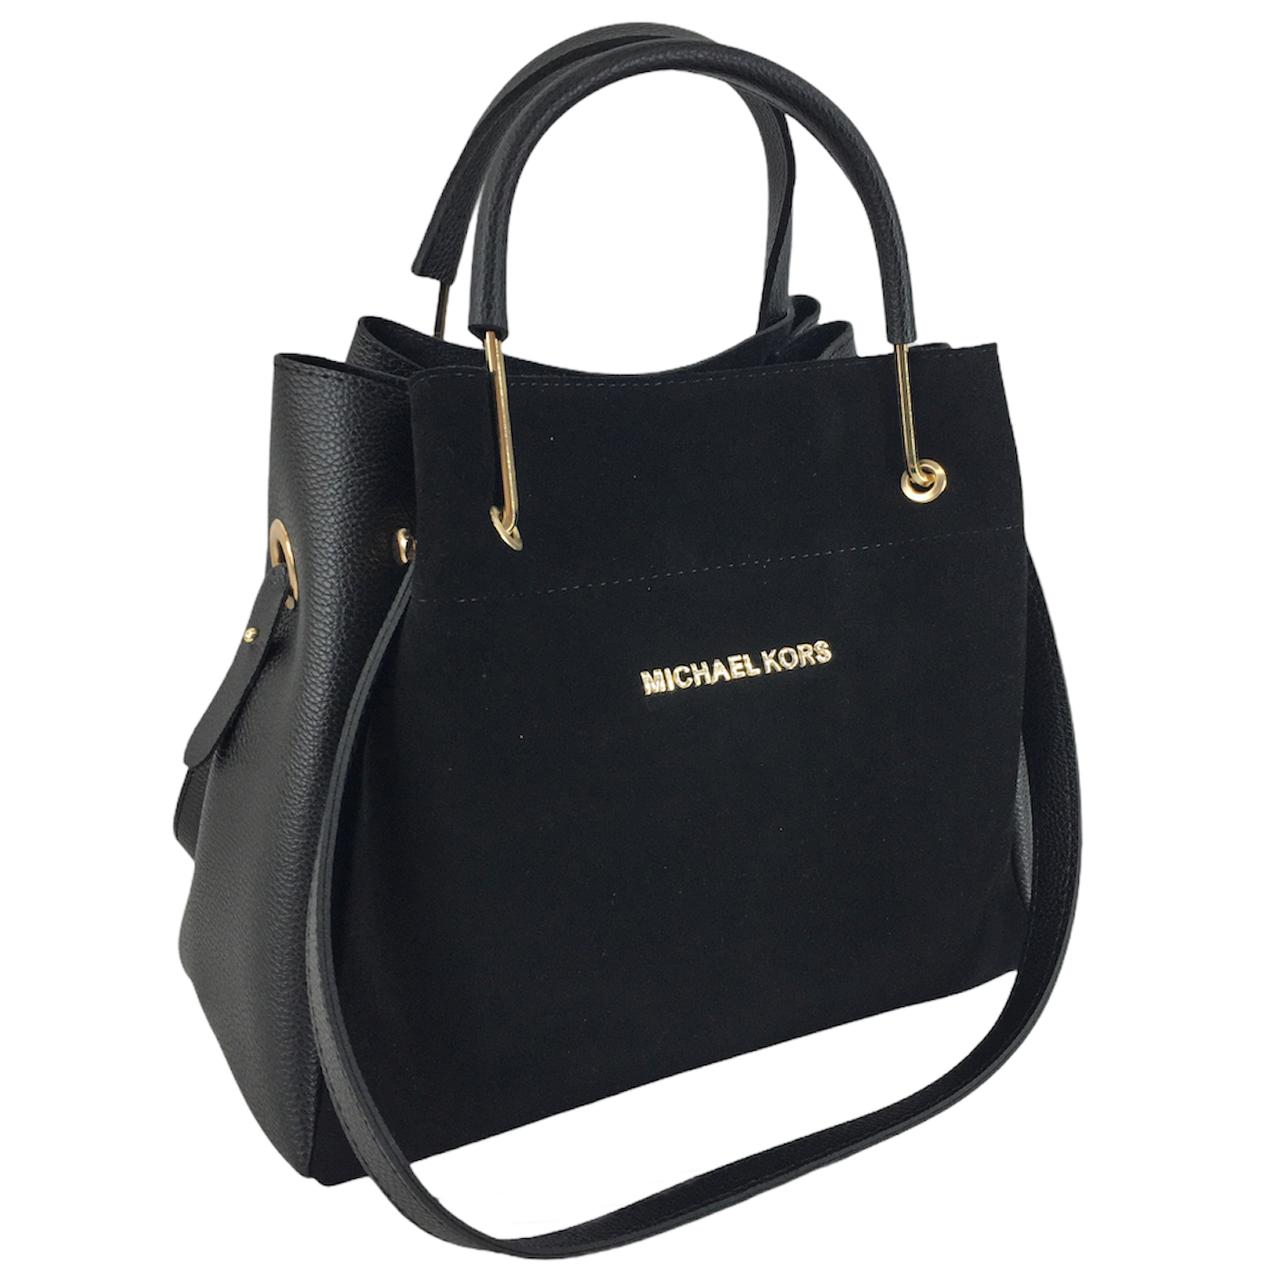 Женская замшевая mini сумка-шоппер Mісhаеl Коrs (в стиле Майкл Корс) с отстёгивающейся косметичкой